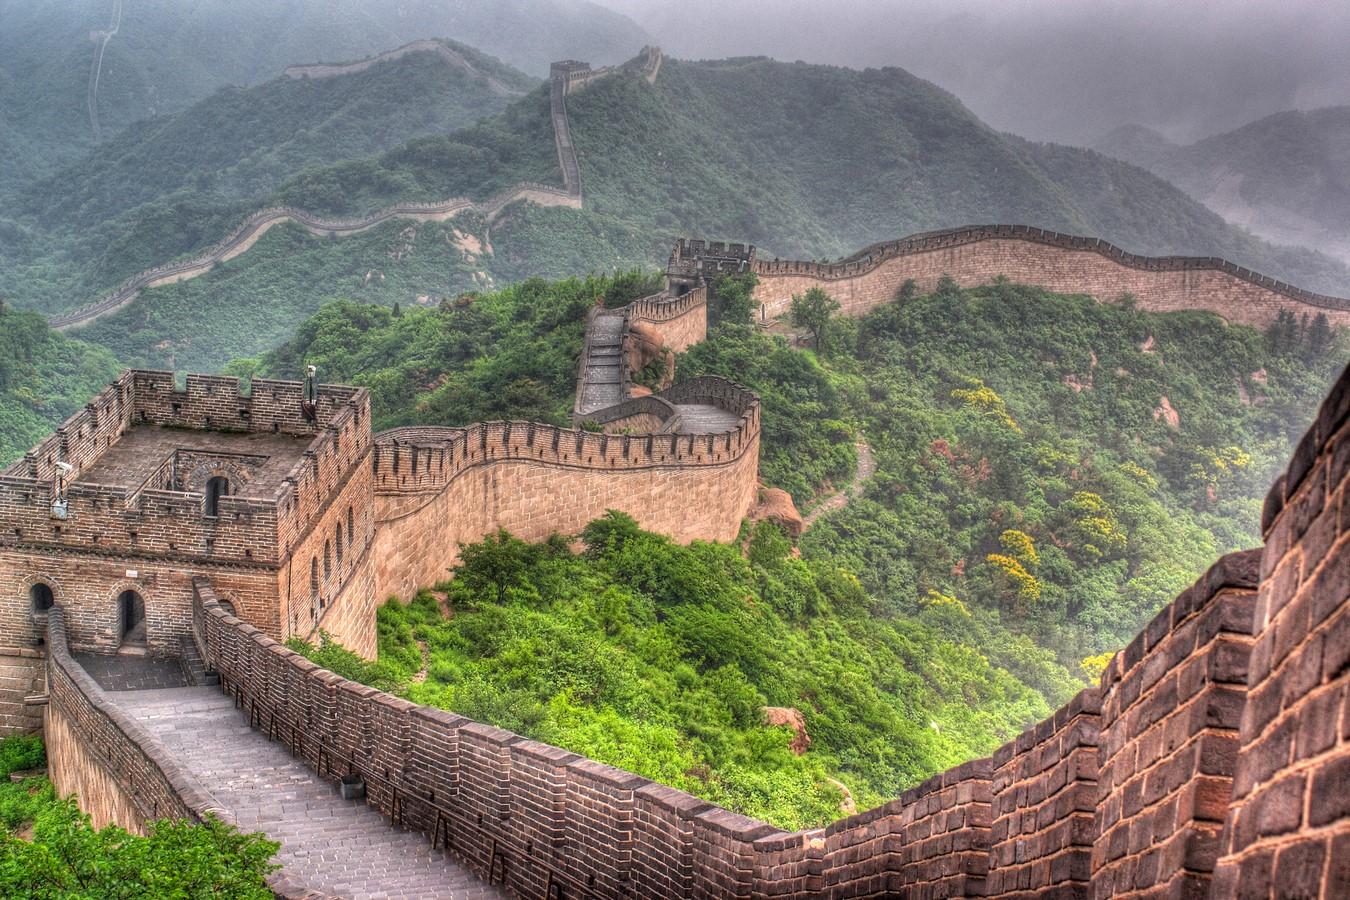 The Great wall of China, China - Sheet2